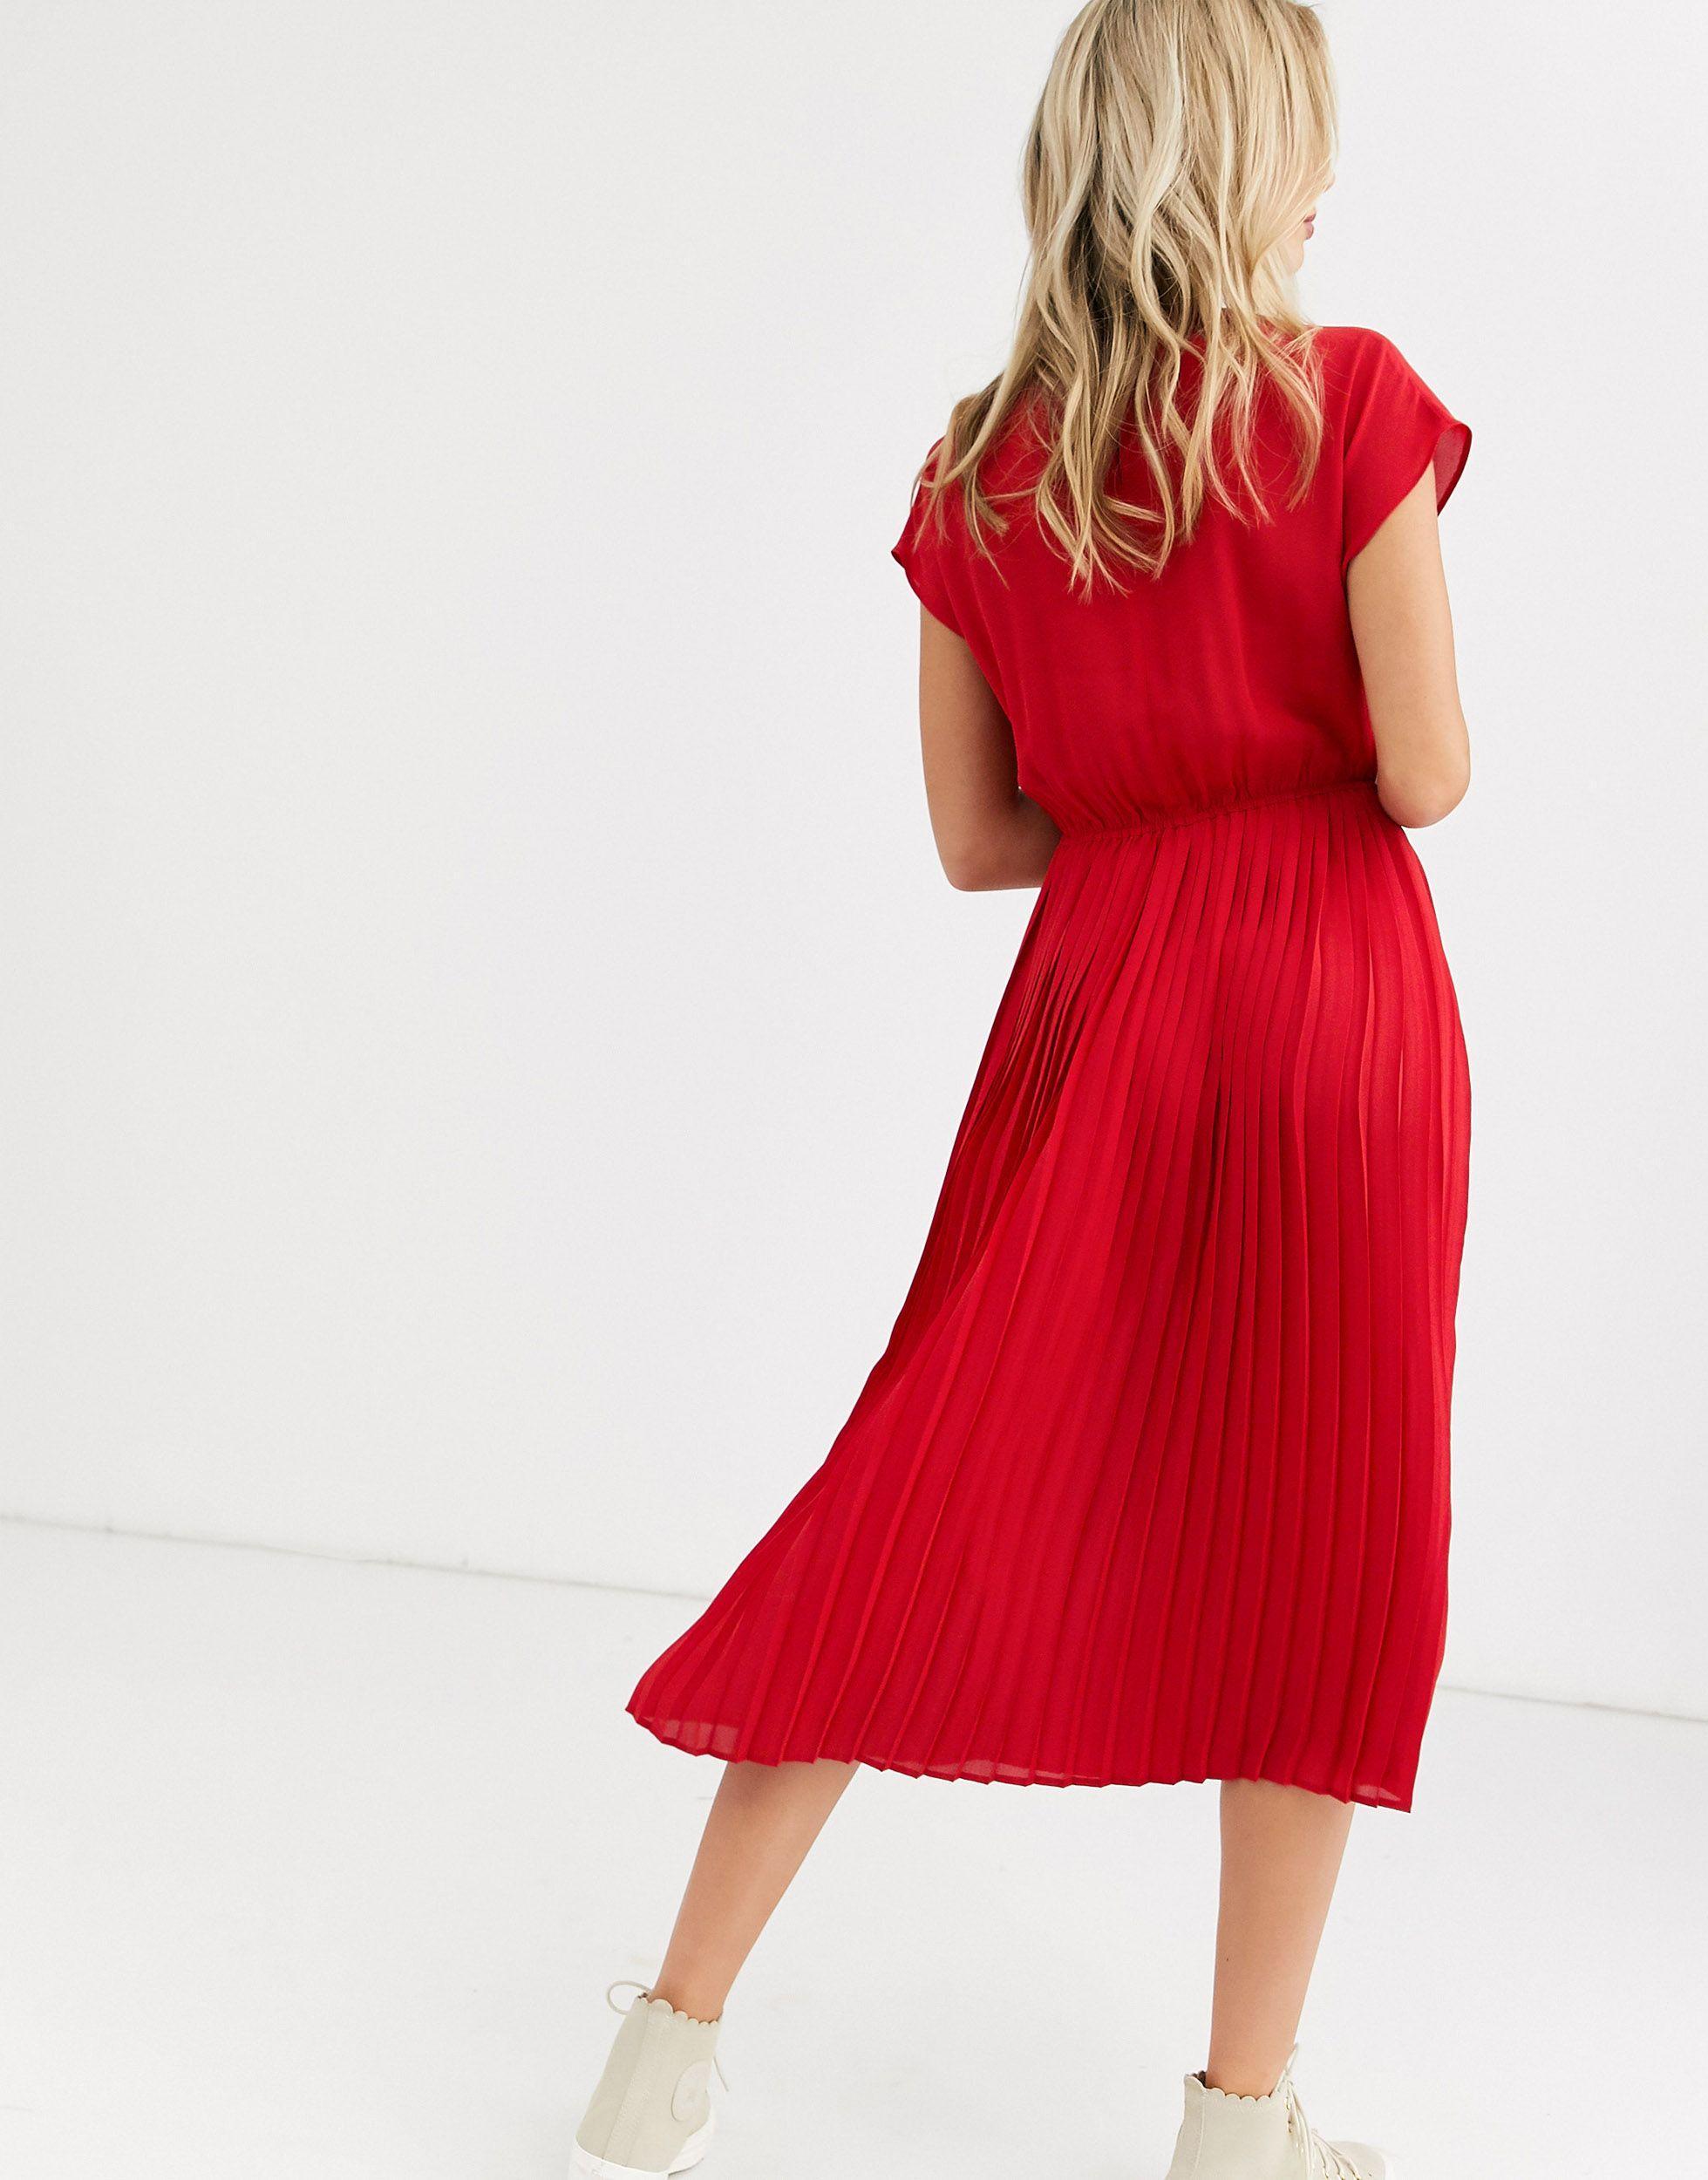 Robe mi-longue plissé Synthétique New Look en coloris Rouge